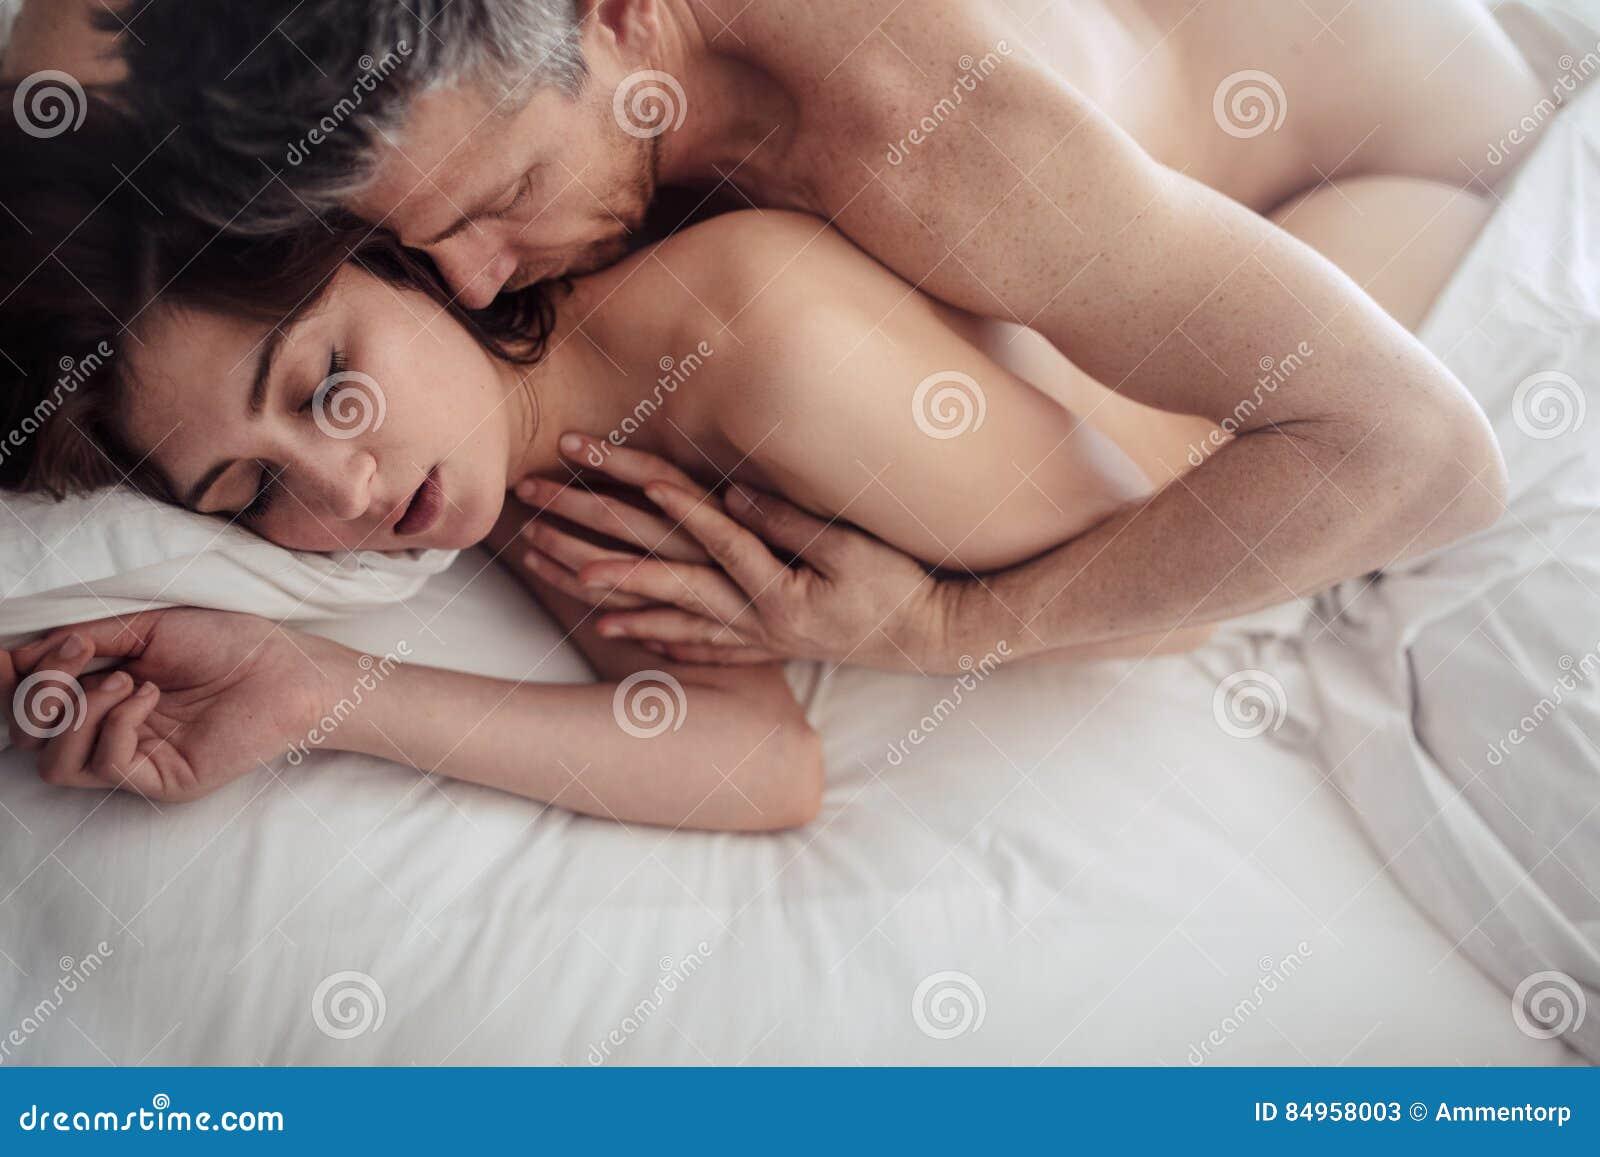 leidenschaftlicher asiatischer Sex